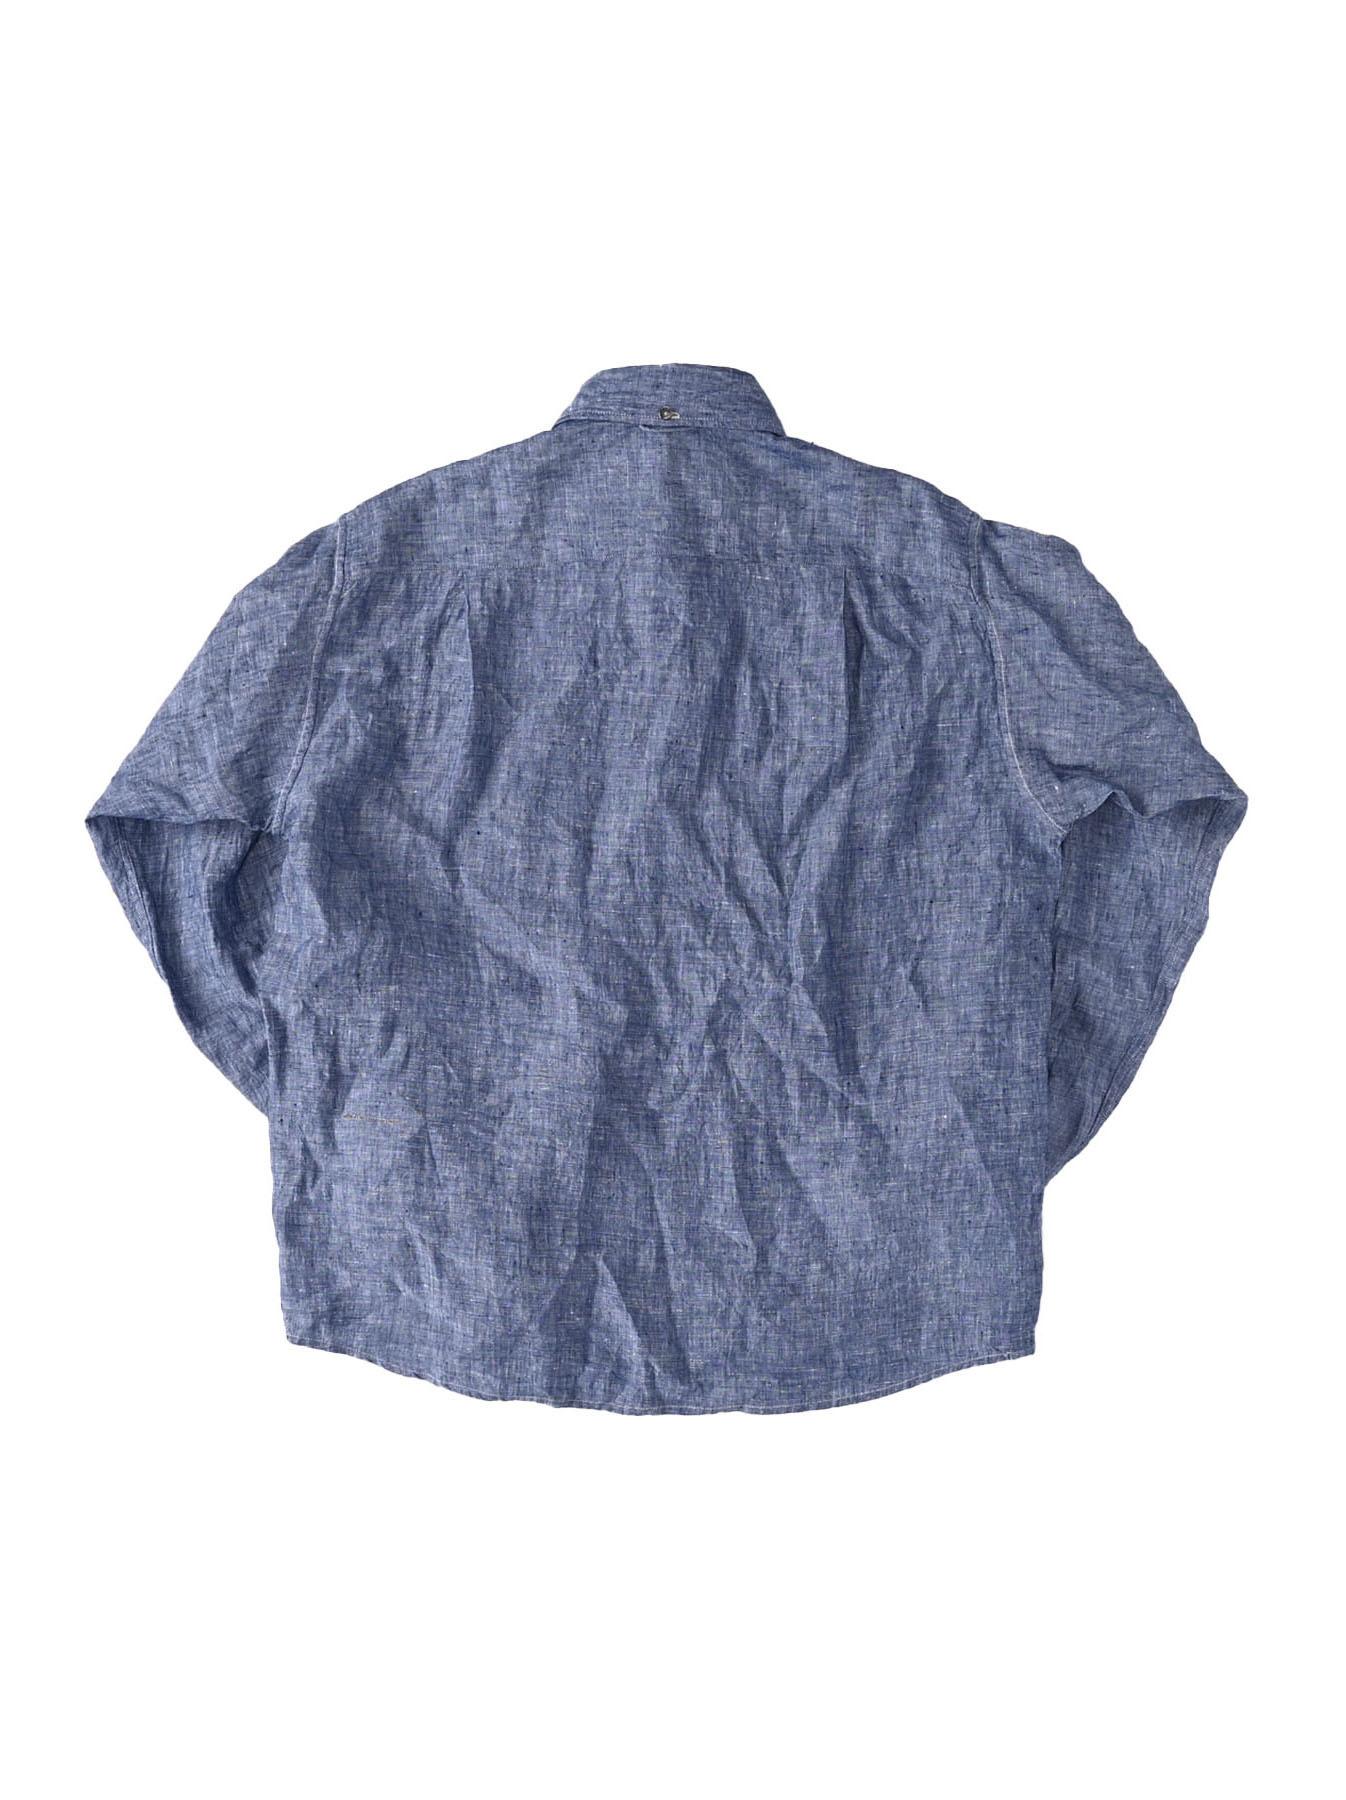 Indian Linen 908 Ocean Button Down Shirt (0421)-6